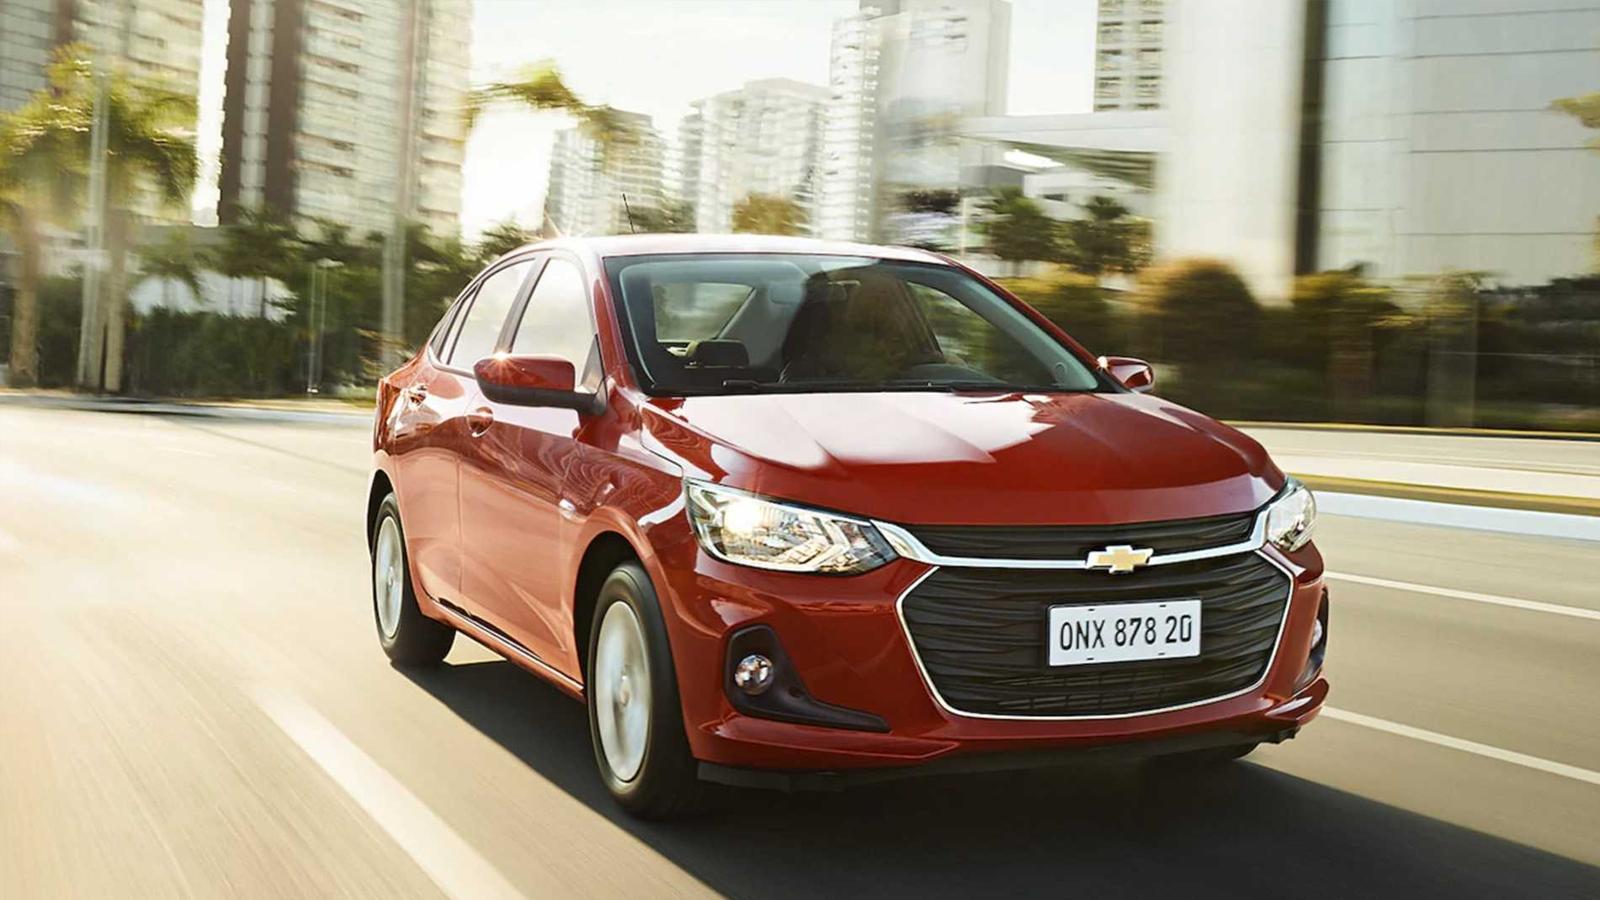 Asi Es El Nuevo Chevrolet Onix Plus 5 Estrellas Latin Ncap Y Pronto En Uruguay Motorblog Uruguay Www Motorblog Com Uy